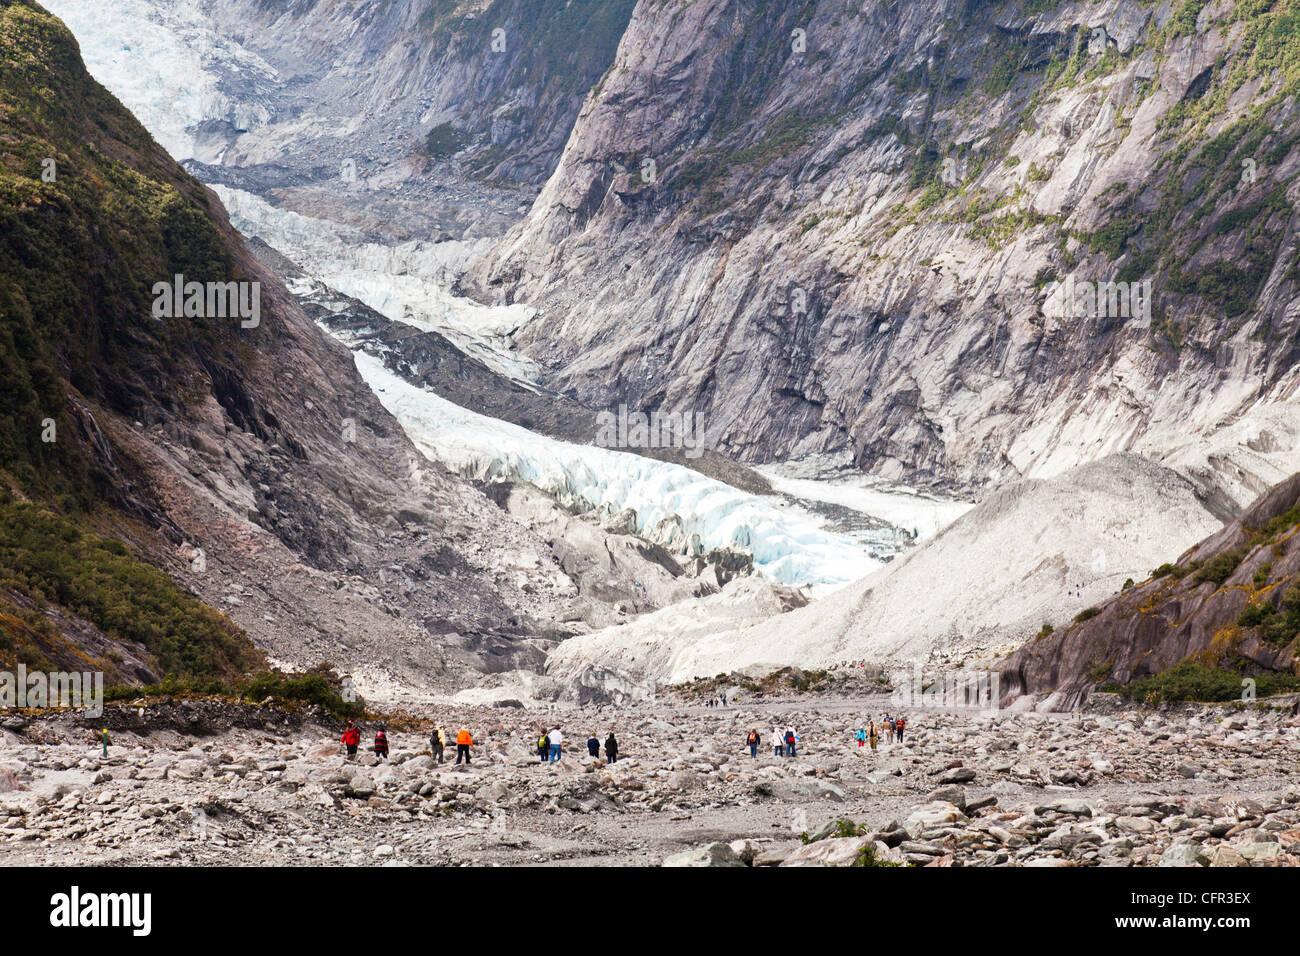 Los turistas que se acercan al terminal del glaciar Franz Josef, Costa oeste, Nueva Zelanda Imagen De Stock